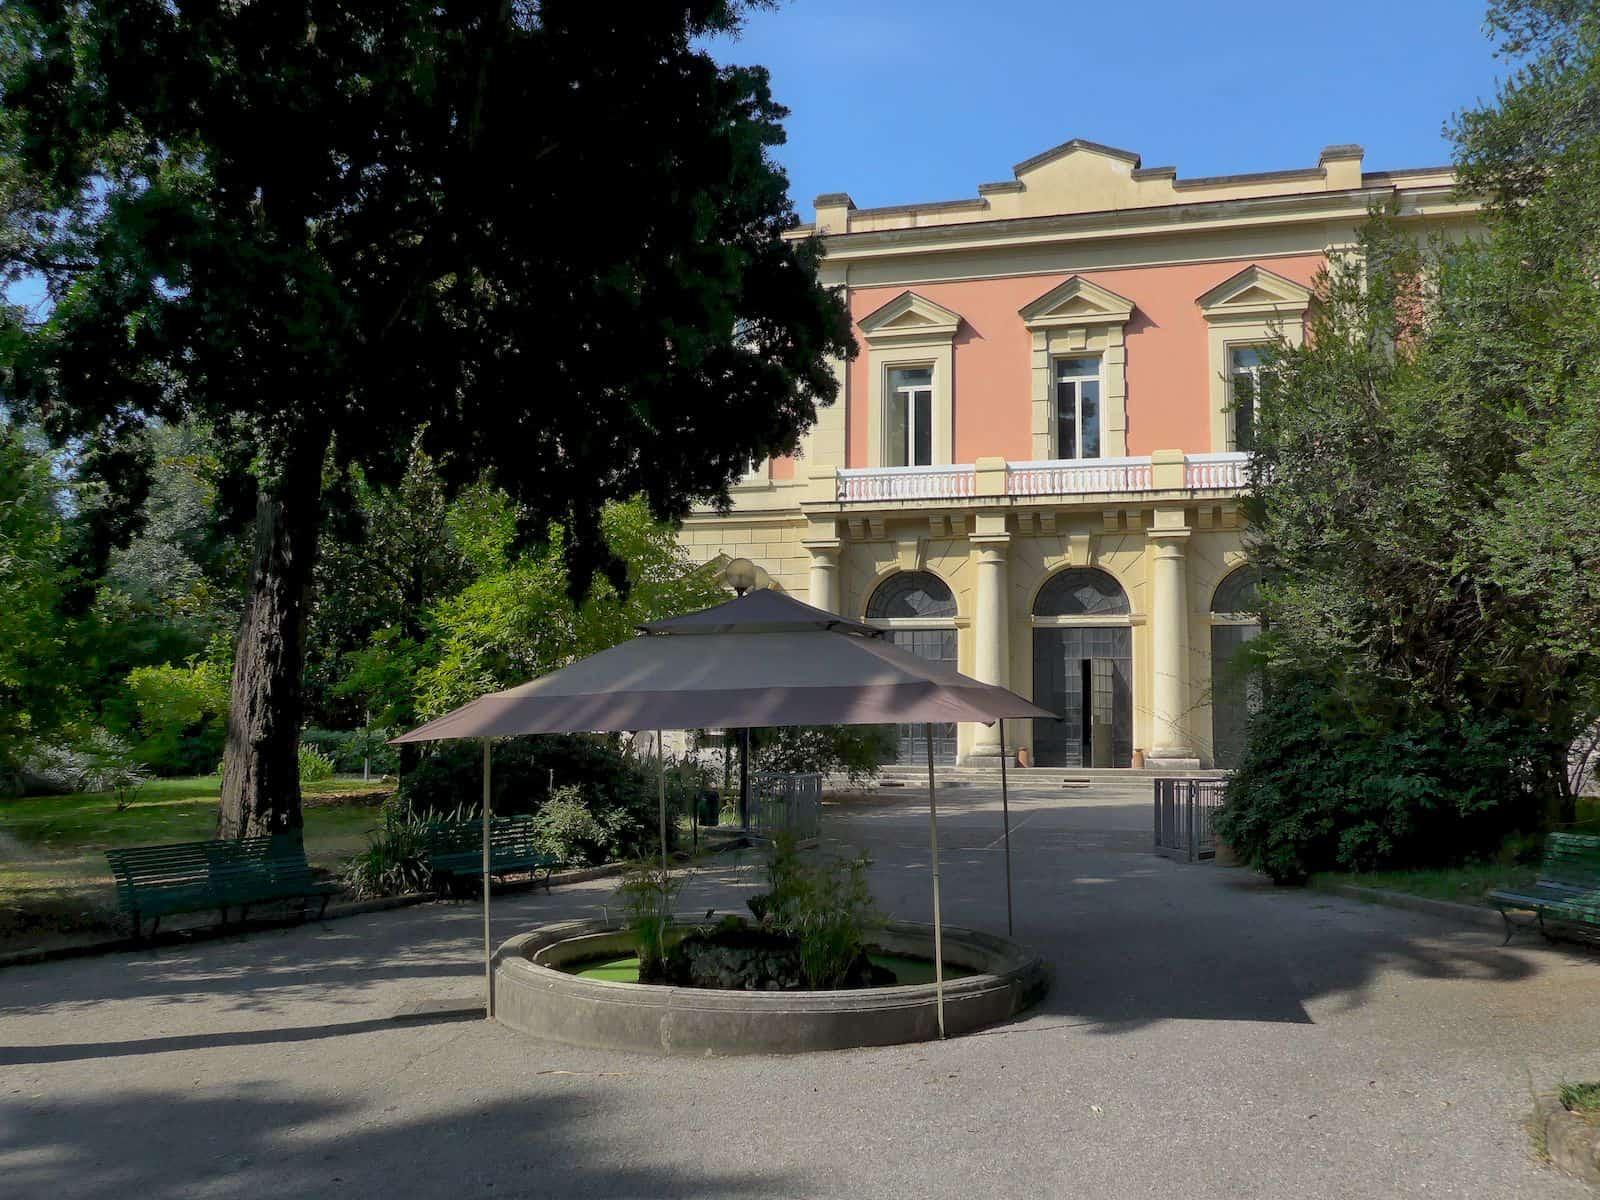 Orto Botanico Napoli